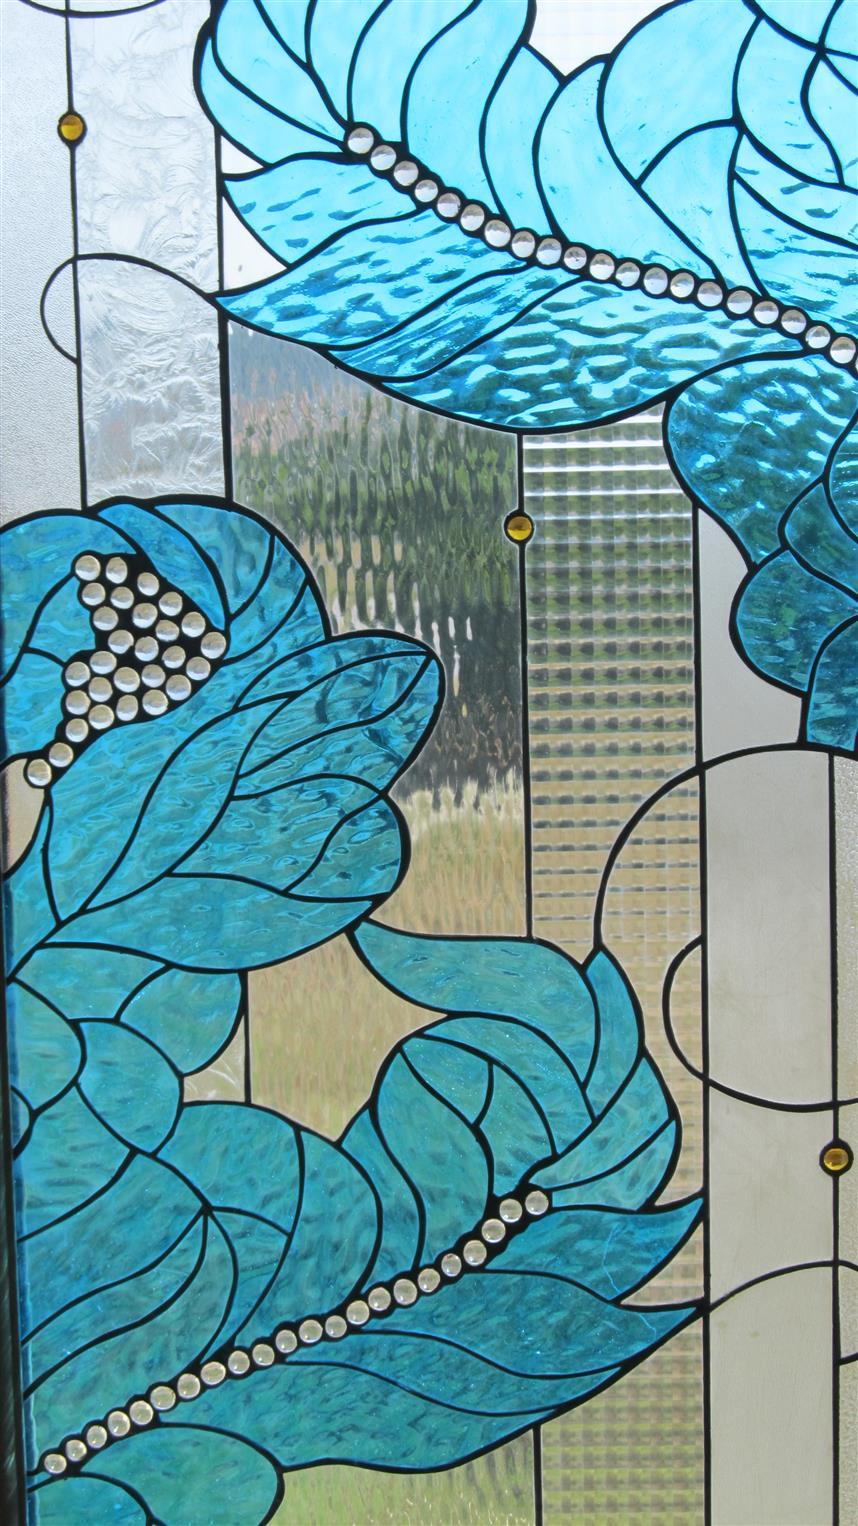 urla-evleri-vitray-calismasi201652145018706.jpg izmir vitray çalışması